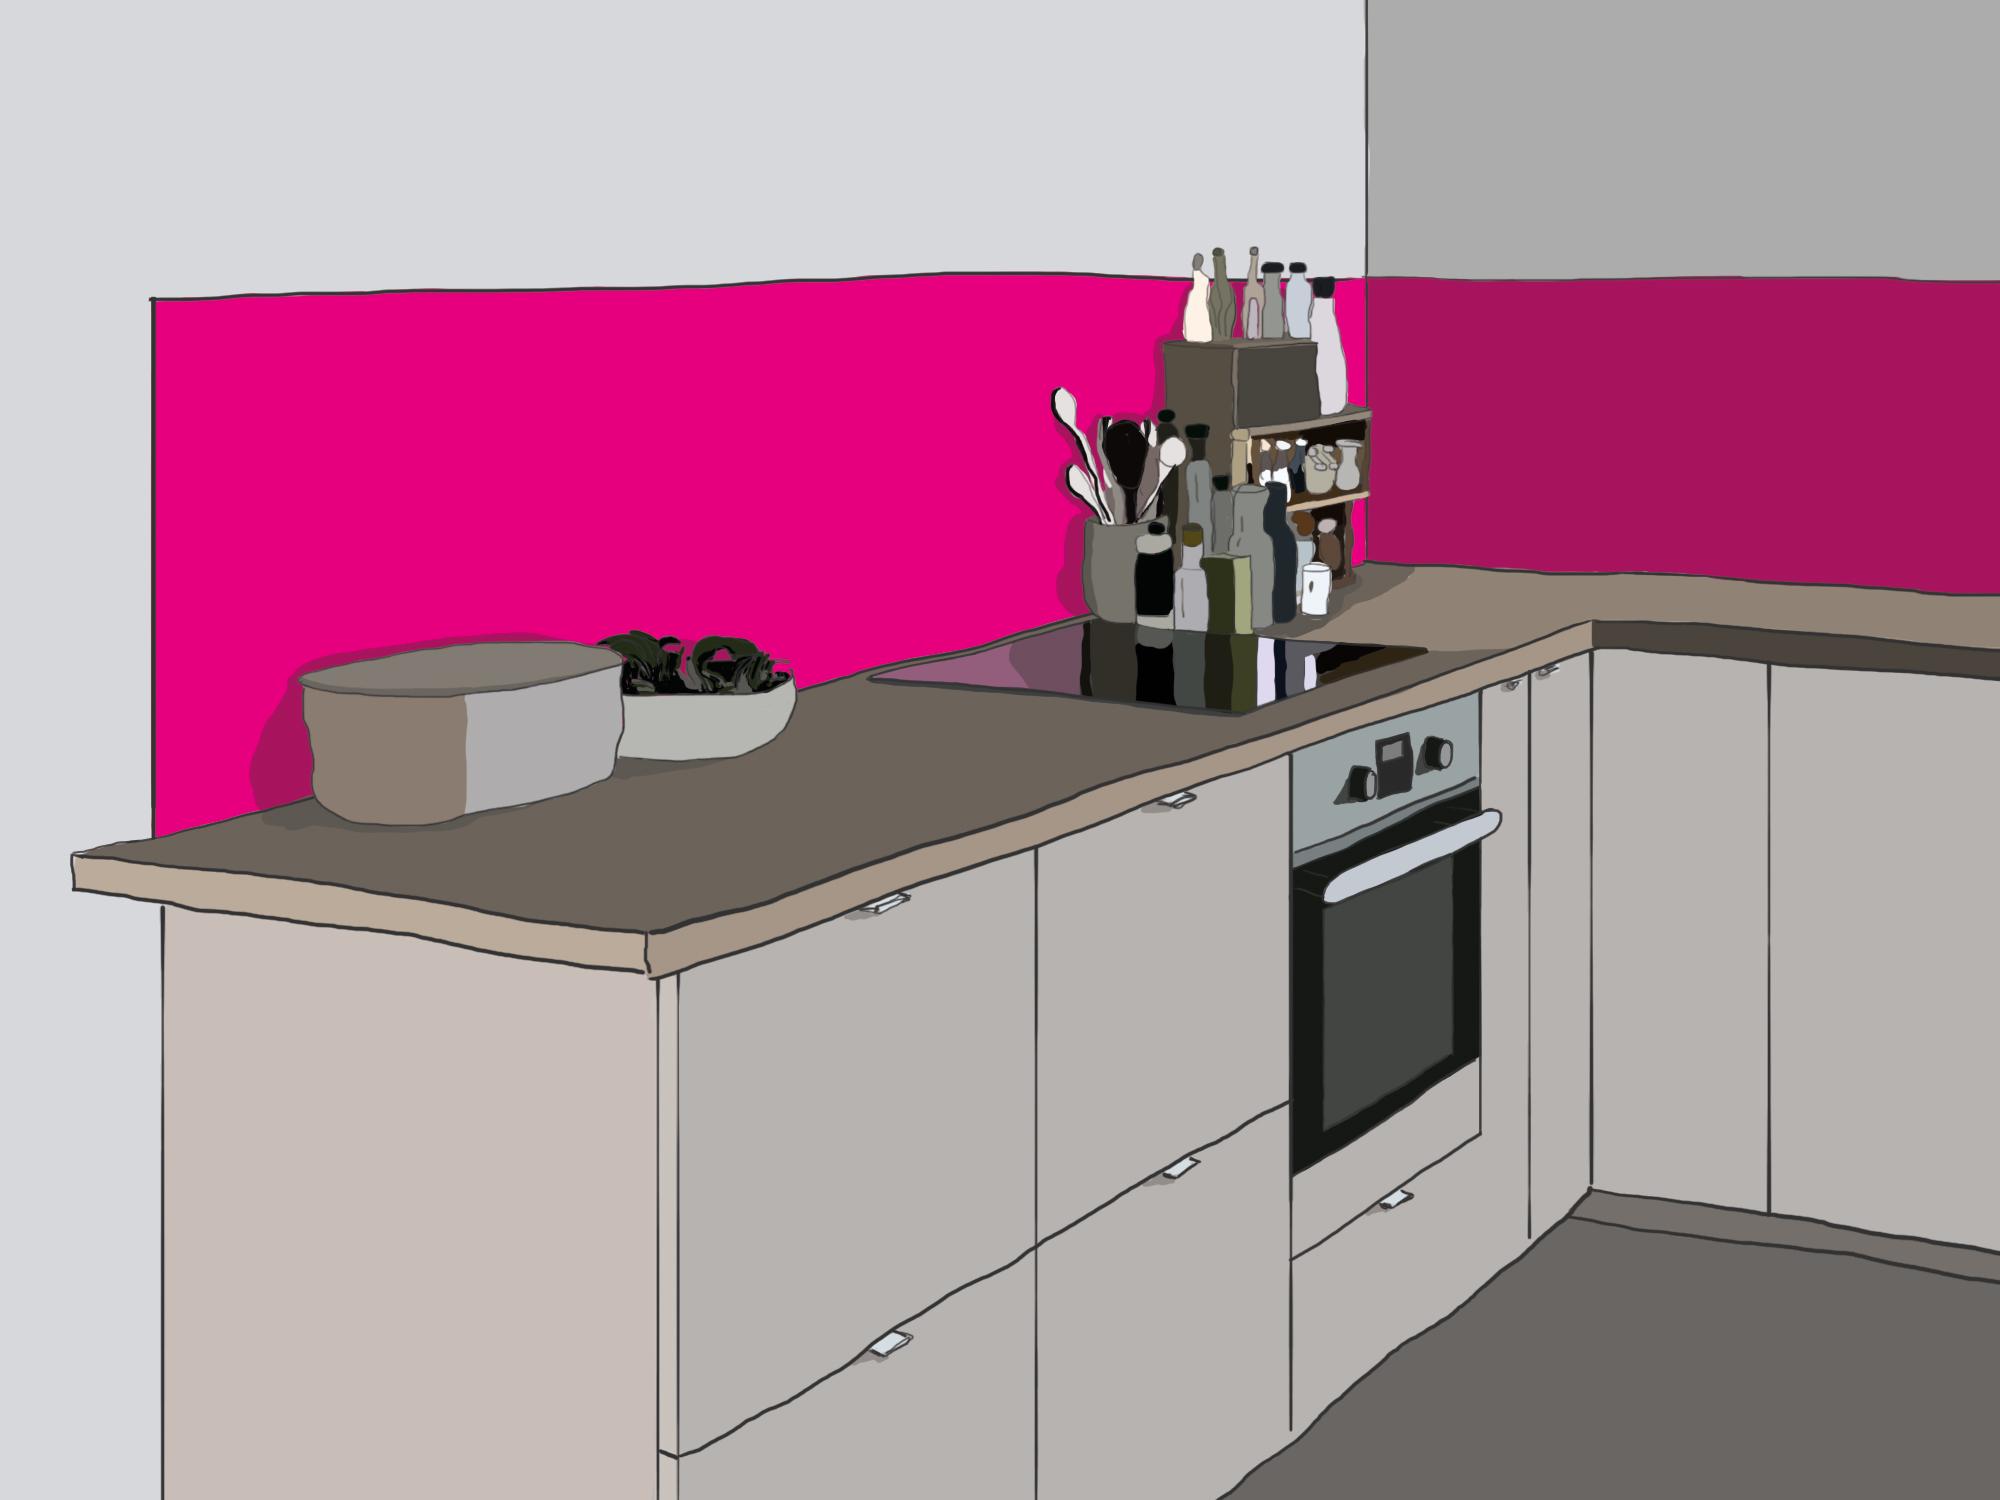 Full Size of Küche Fliesenspiegel Neu Gestalten Küche Fliesenspiegel Streichen Ikea Küche Fliesenspiegel Fototapete Küche Fliesenspiegel Küche Küche Fliesenspiegel